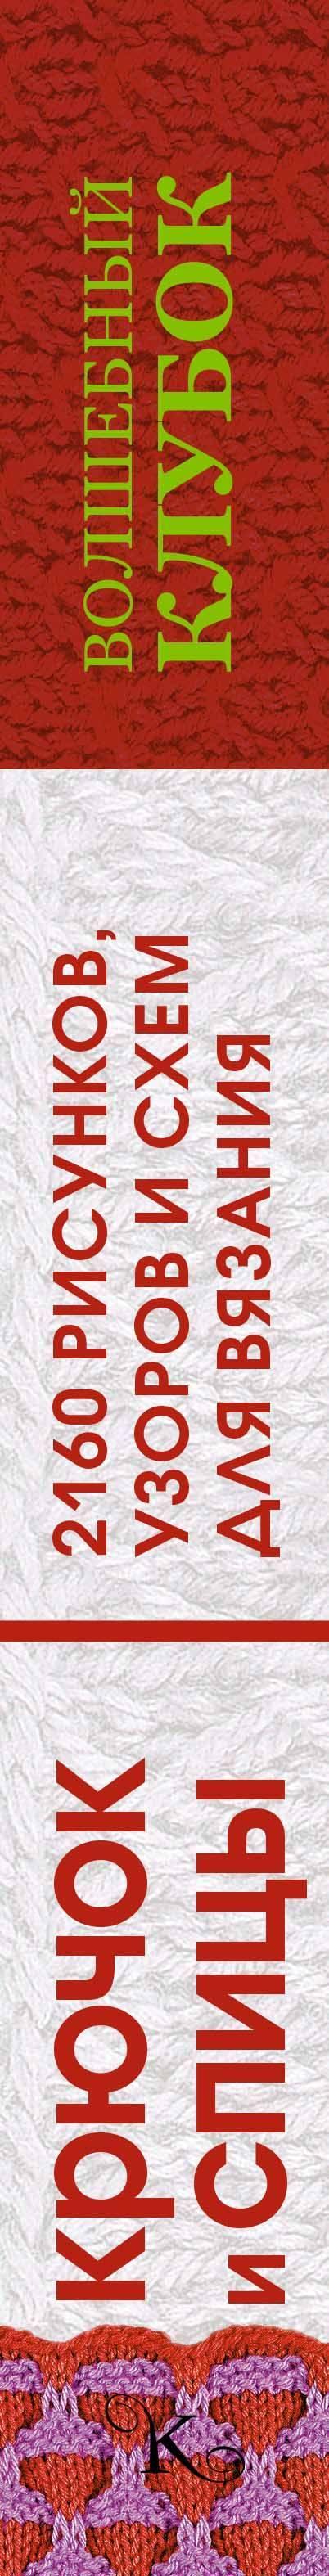 Шапка для бани и сауны Банная линия Поддай пару, задай жару!, 11-227 printio шапка биткоин белая